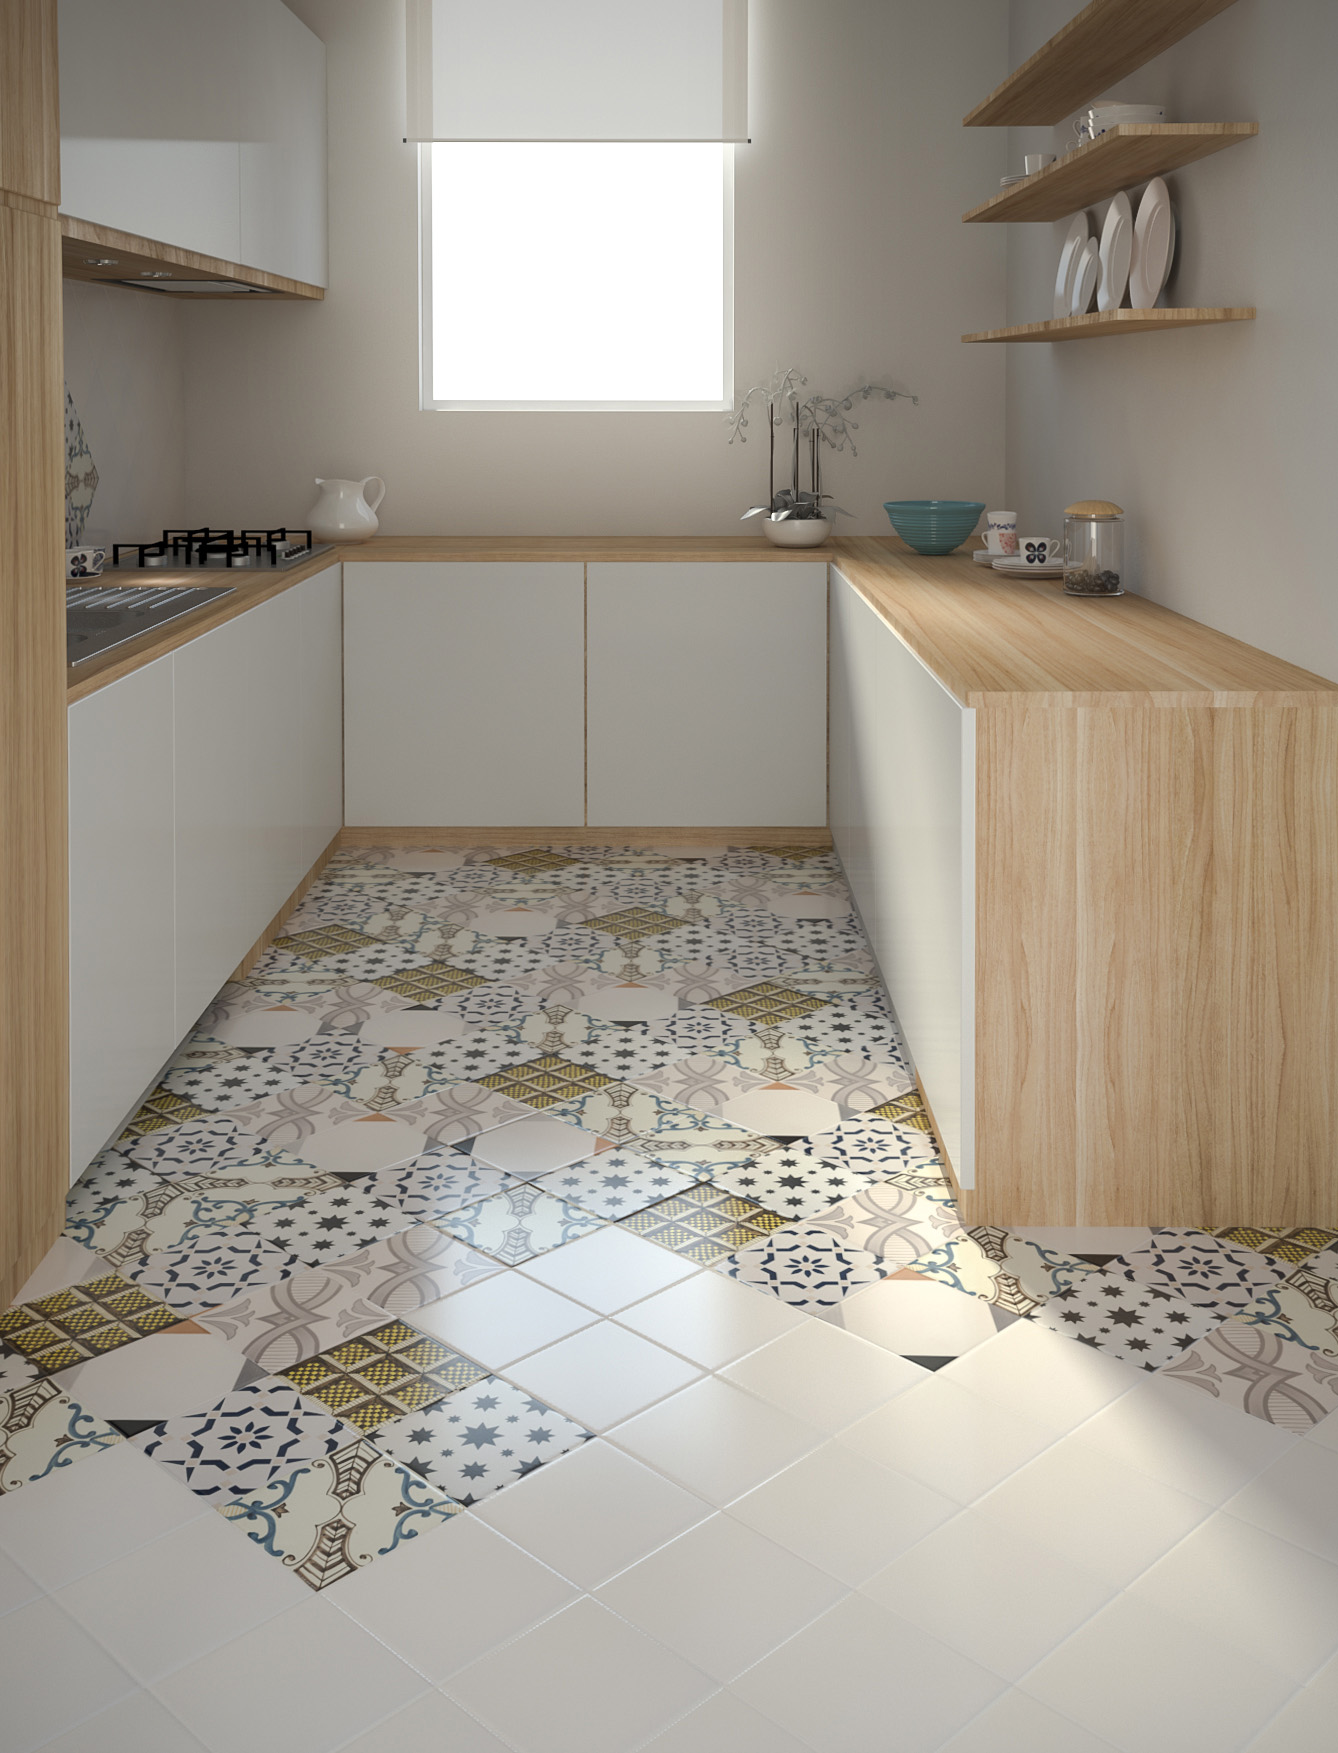 Piastrelle cucine e bagni interni71 for Piastrelle con decori